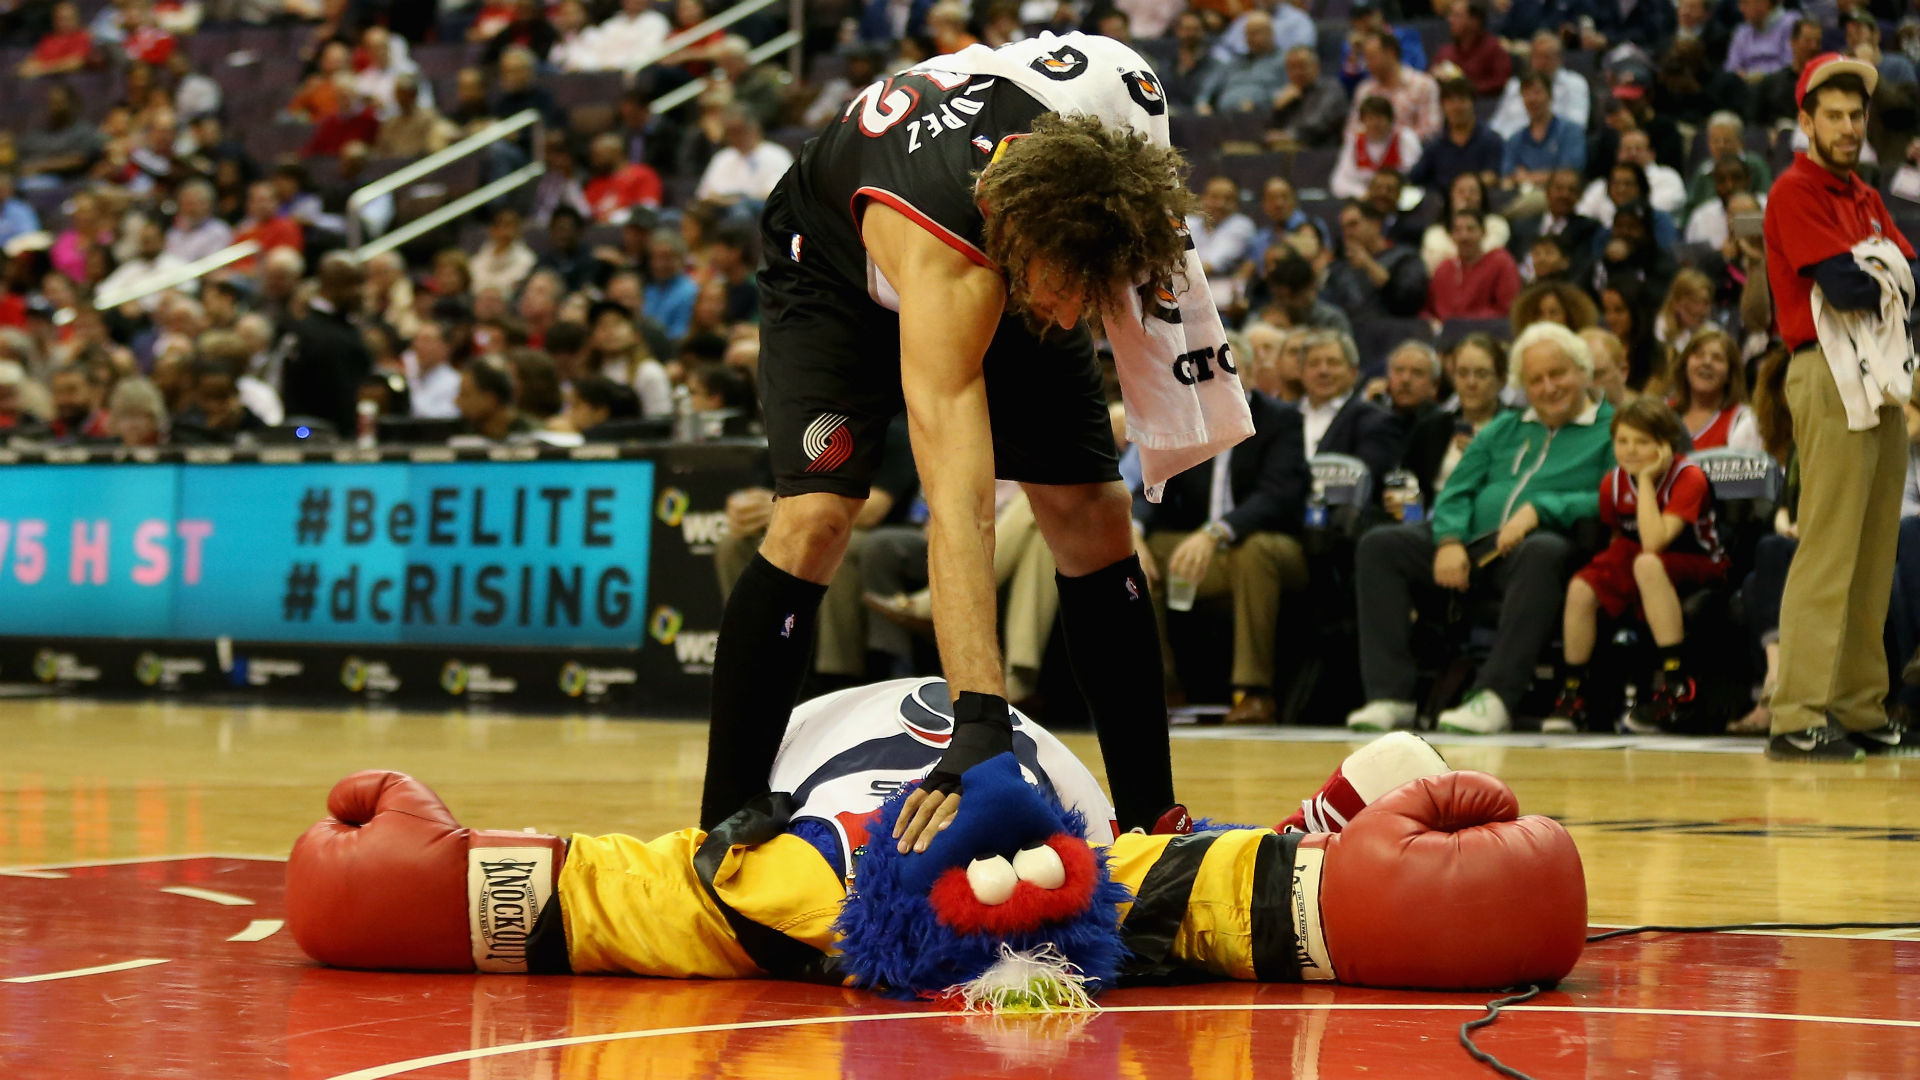 WATCH: Bulls' Robin Lopez knocks Raptors' mascot down in response to joke